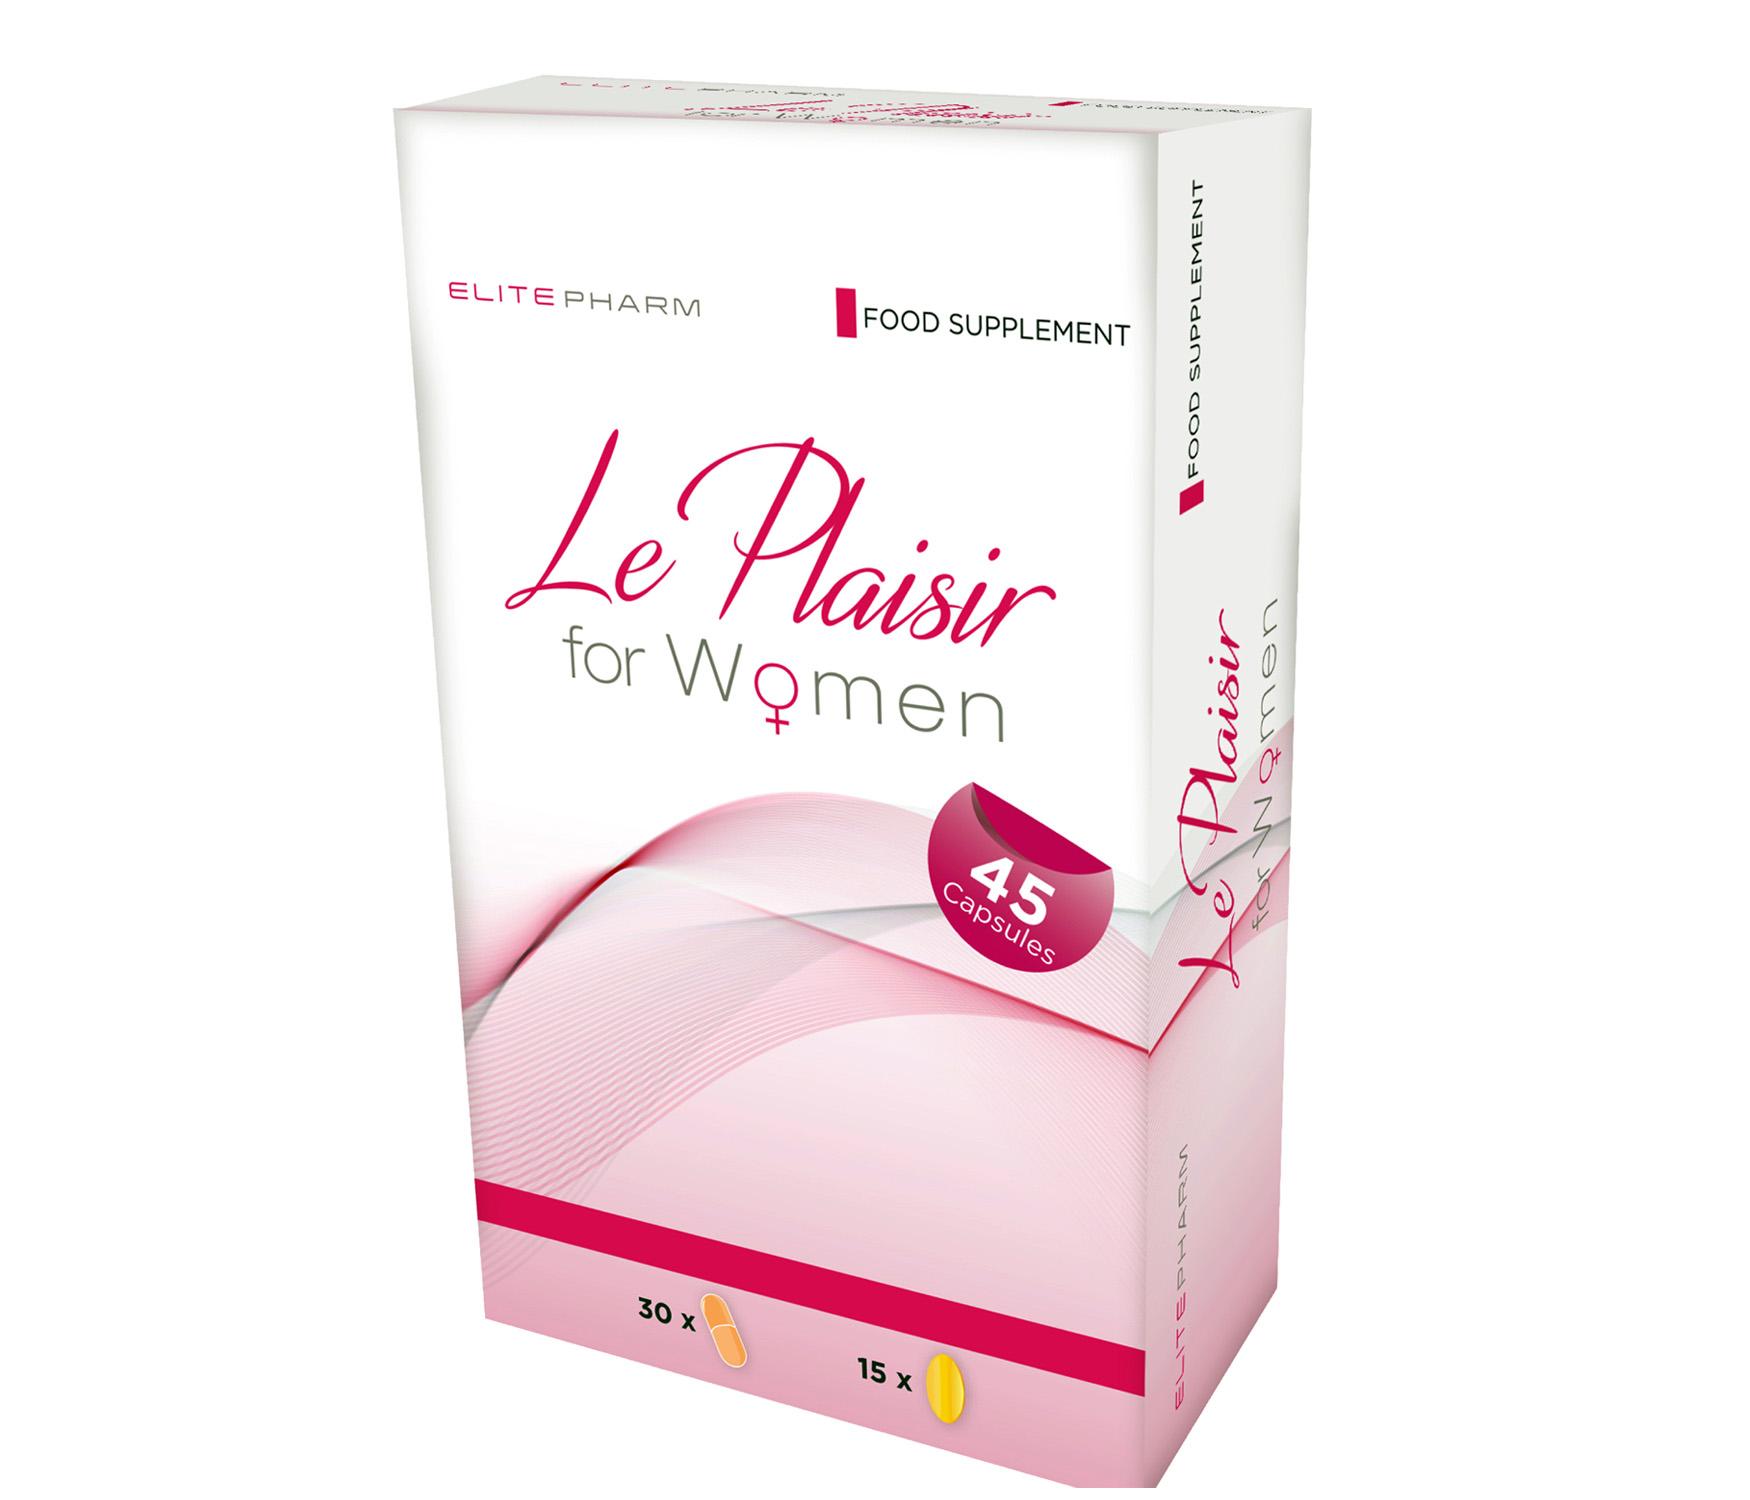 Le plaisir for women